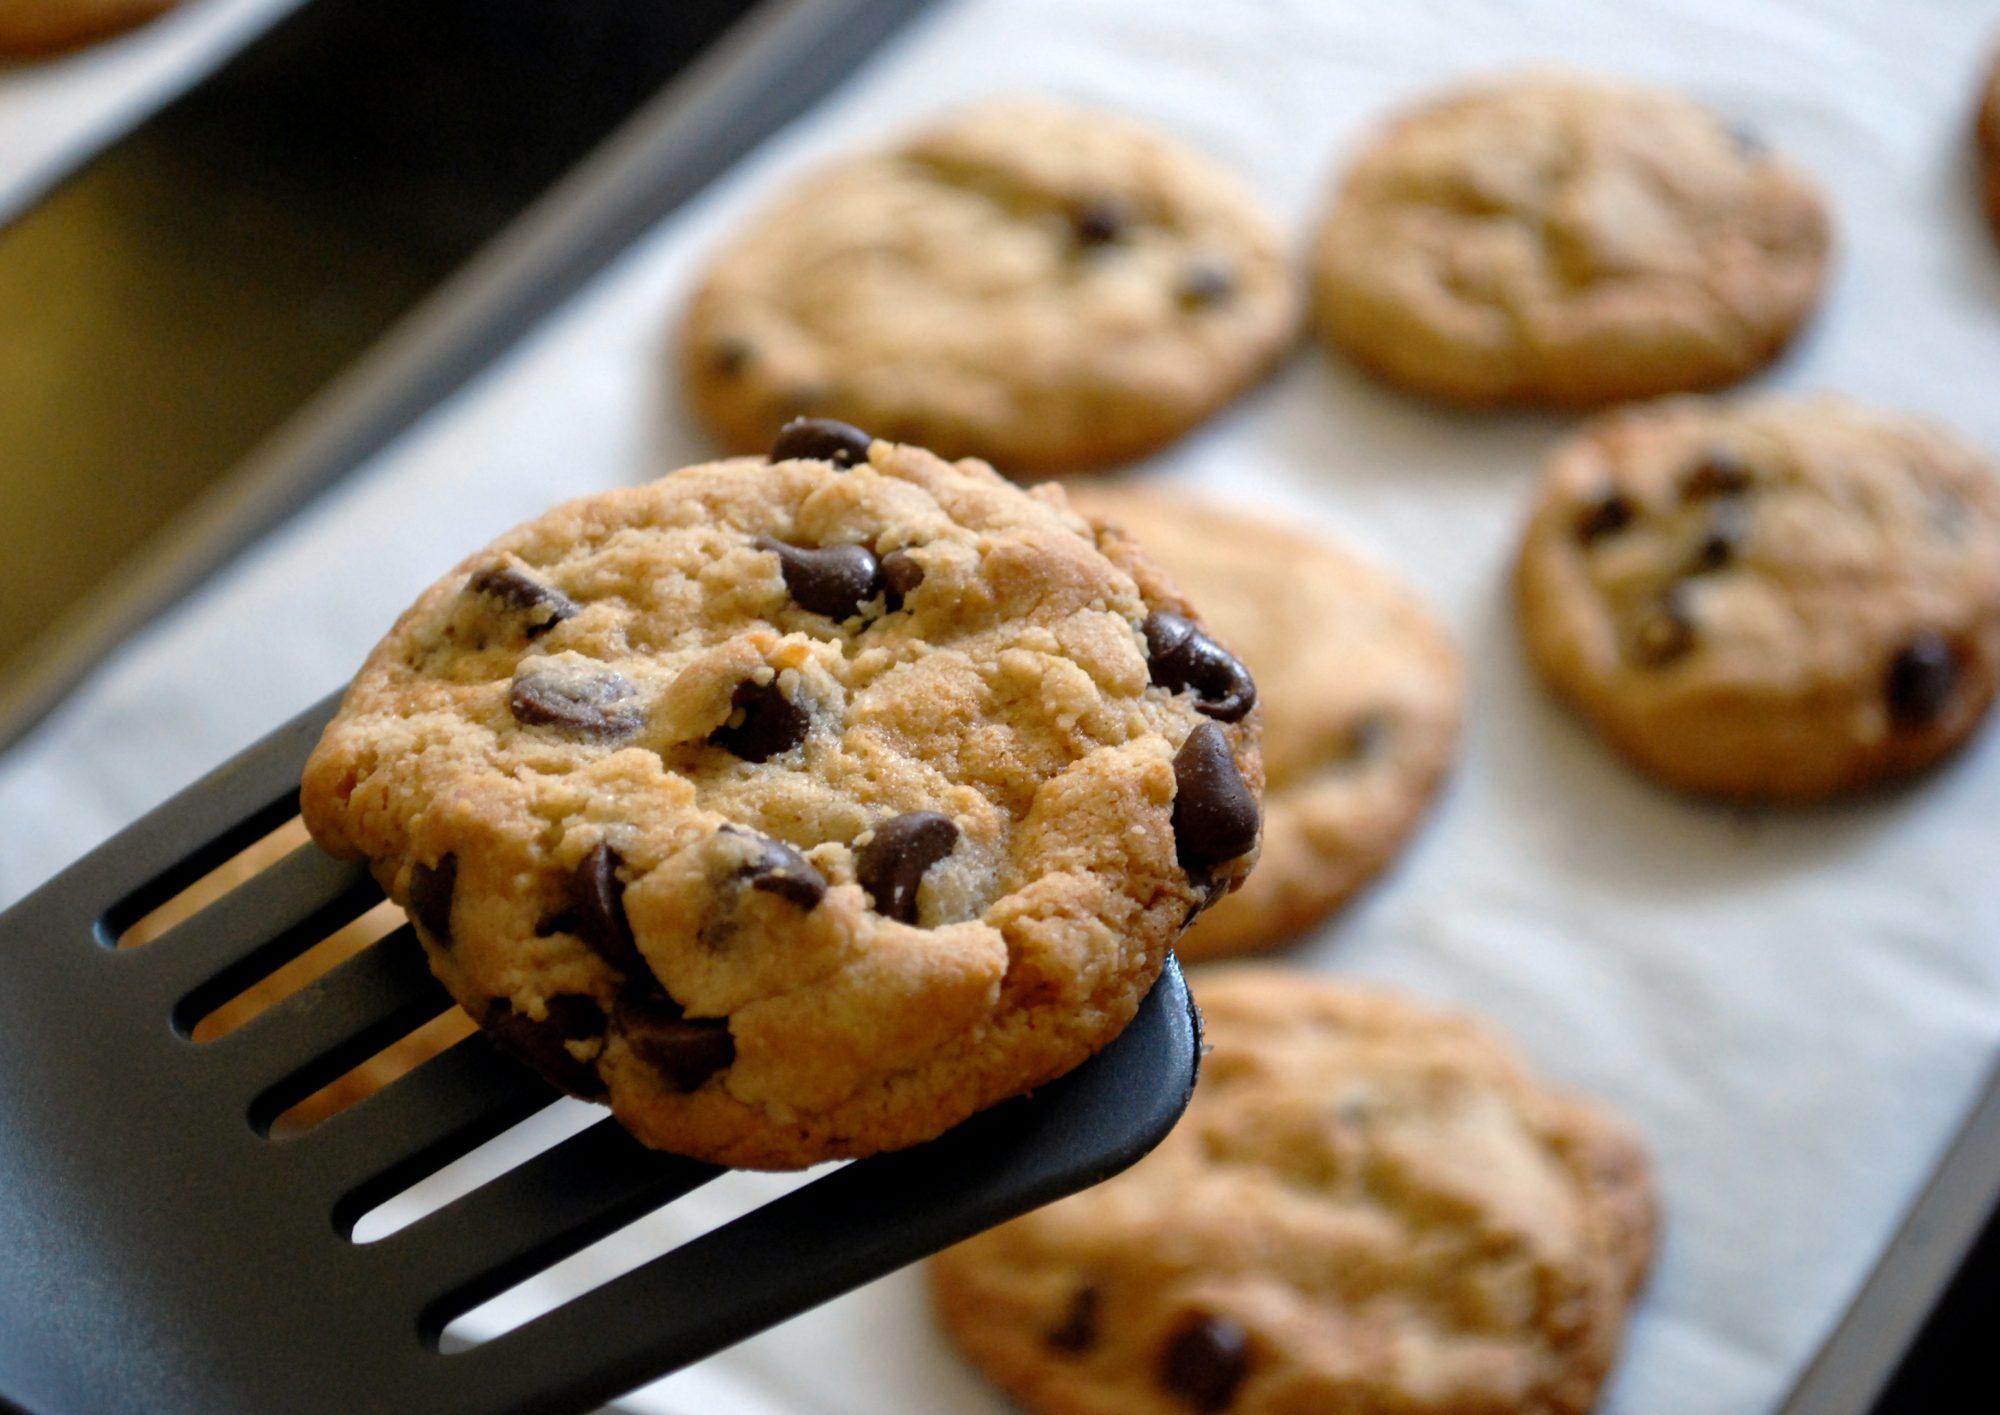 Choc chip cookie Getty 10/5/20